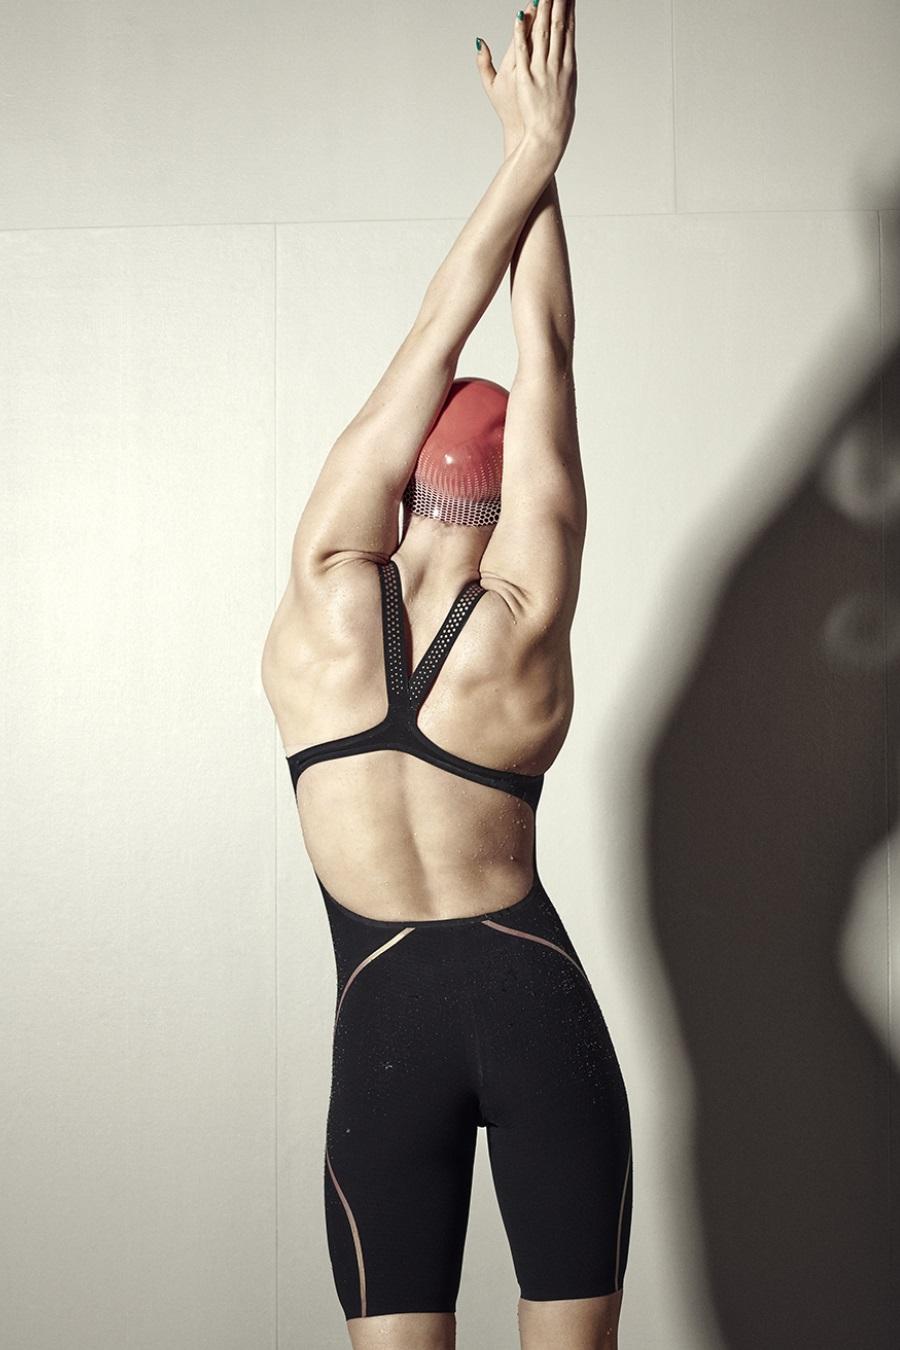 speedo-australian-swimsuits-olympics-2020-9